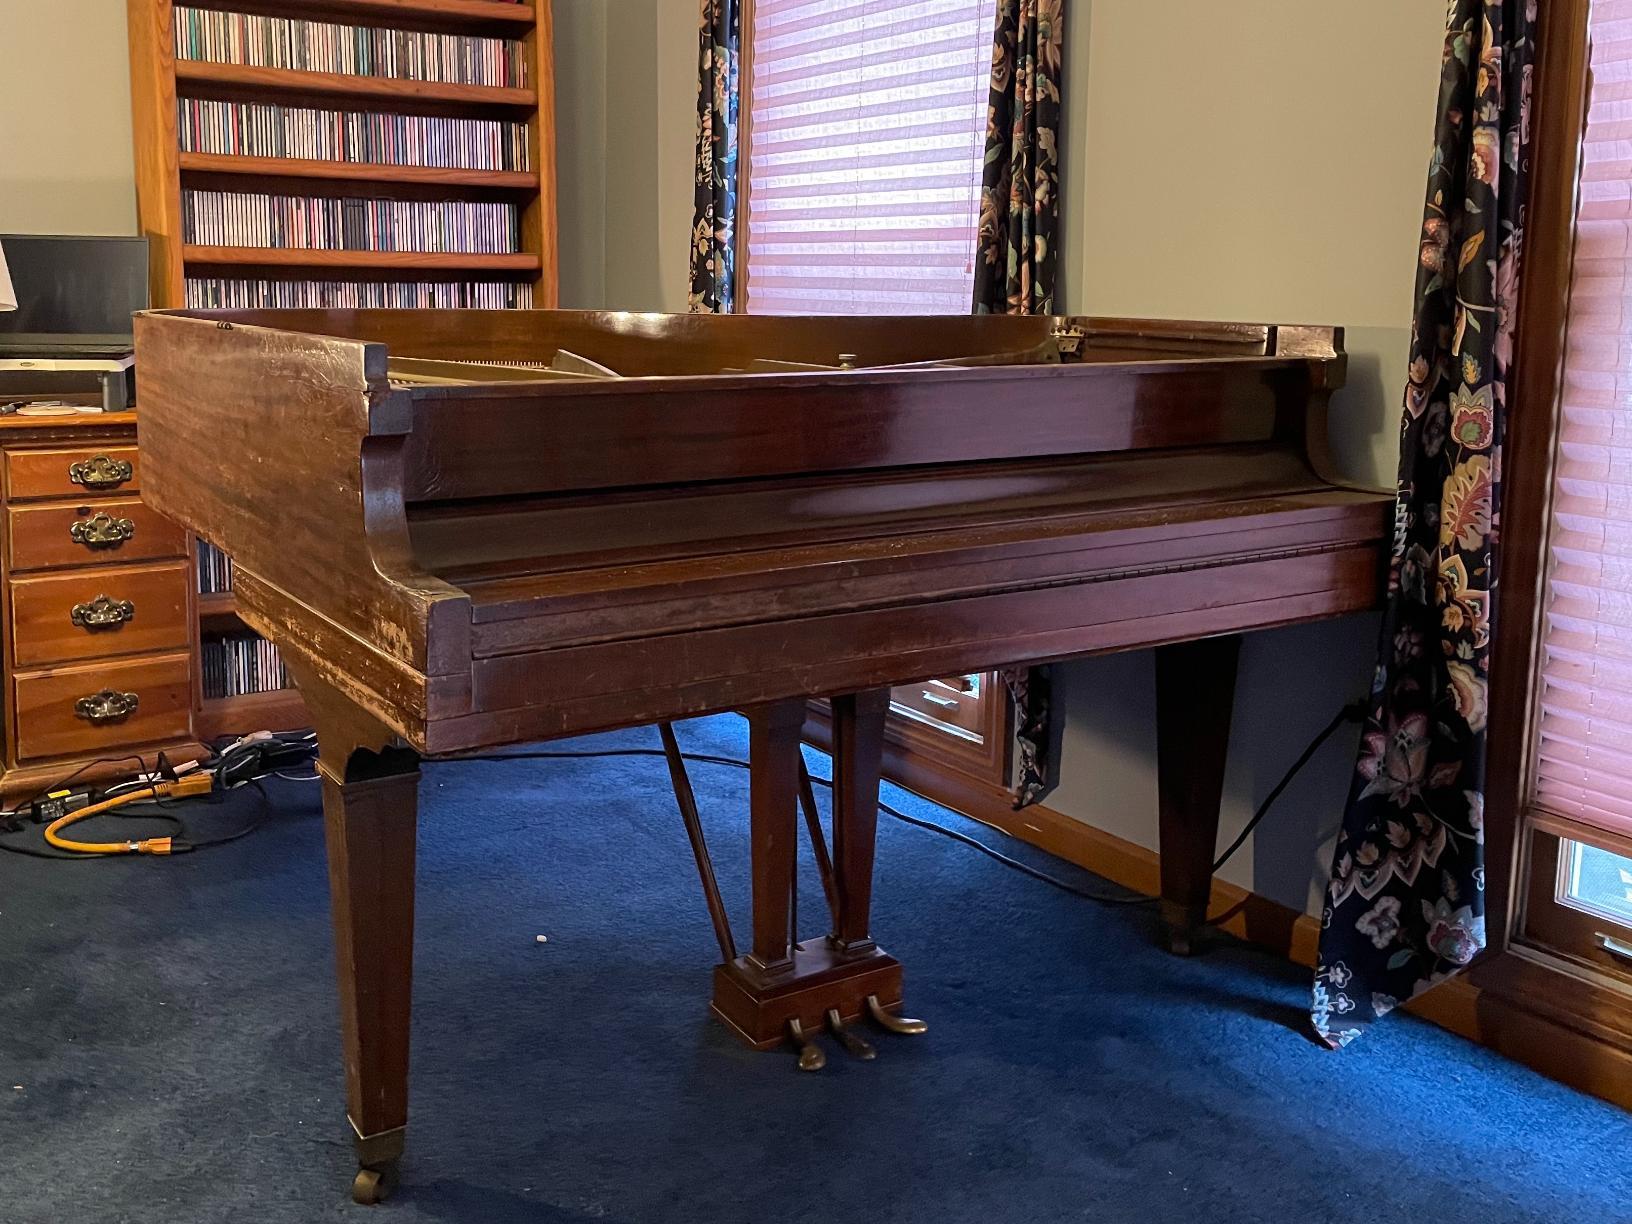 Baby Grand Piano Removal in Farmington, CT - Before Photo